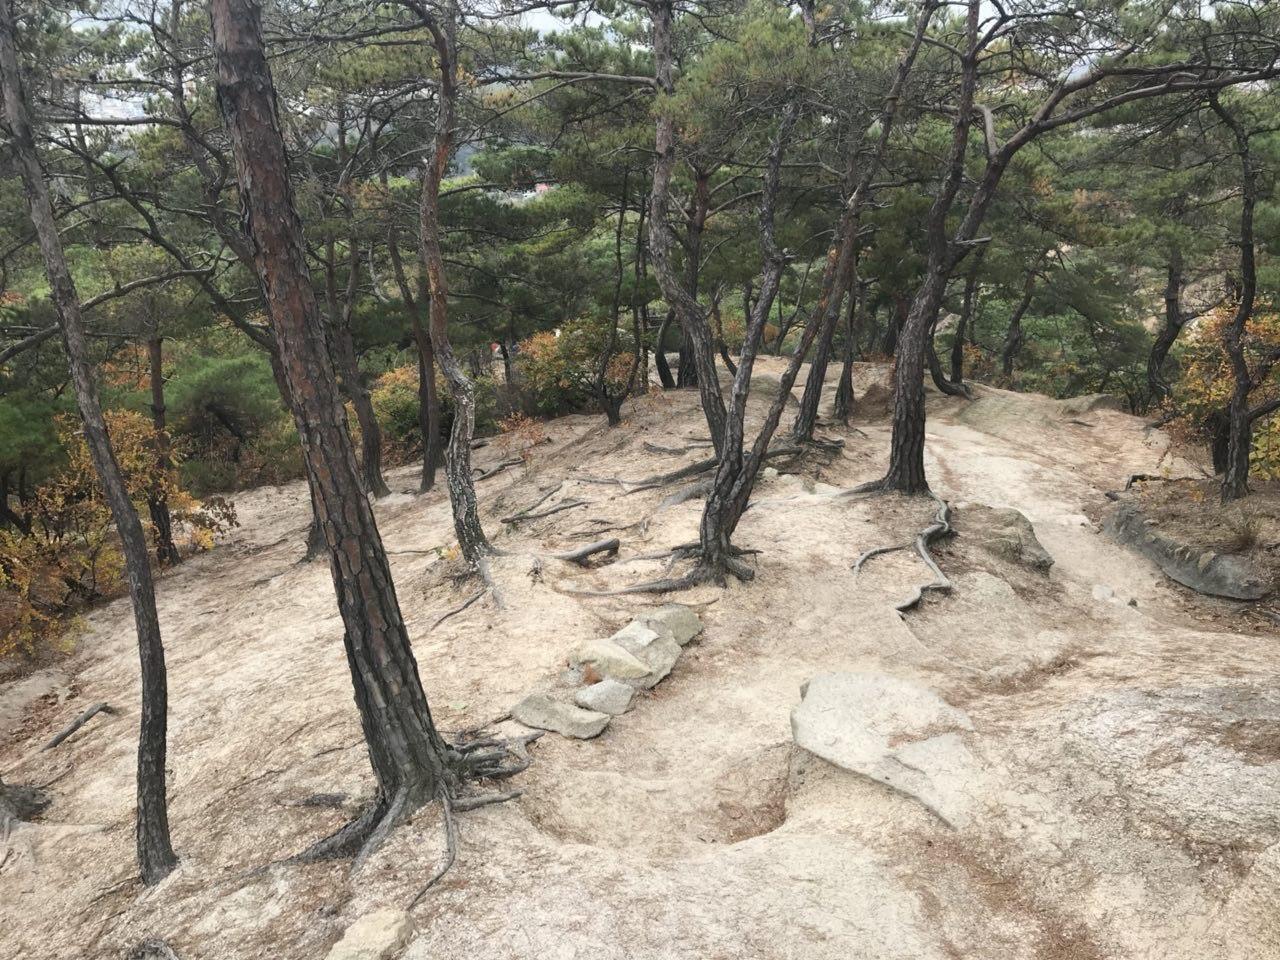 북한산국립공원의 탐방로. 등산객들의 발길에 토양이 침식되고 나무 뿌리가 드러났다. 북한산은 탐방로로 잘게 쪼개져 조각 하나의 면적이 0.28㎢에 불과한 것으로 나타났다.